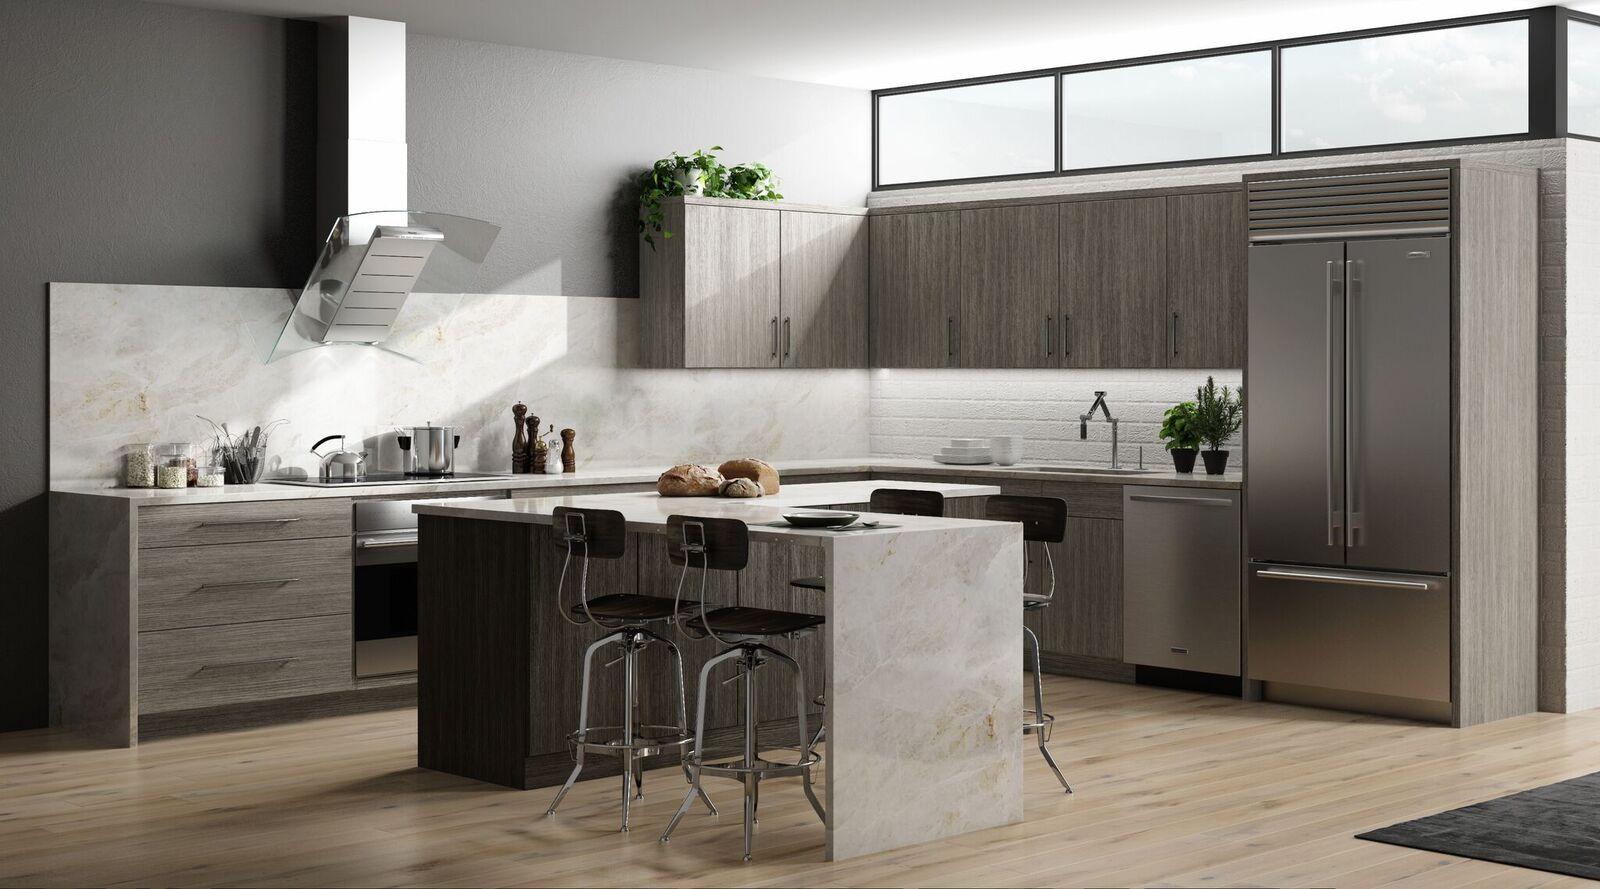 Matrix - Entrepot-cuisine-CUISINE-armoires de cuisine